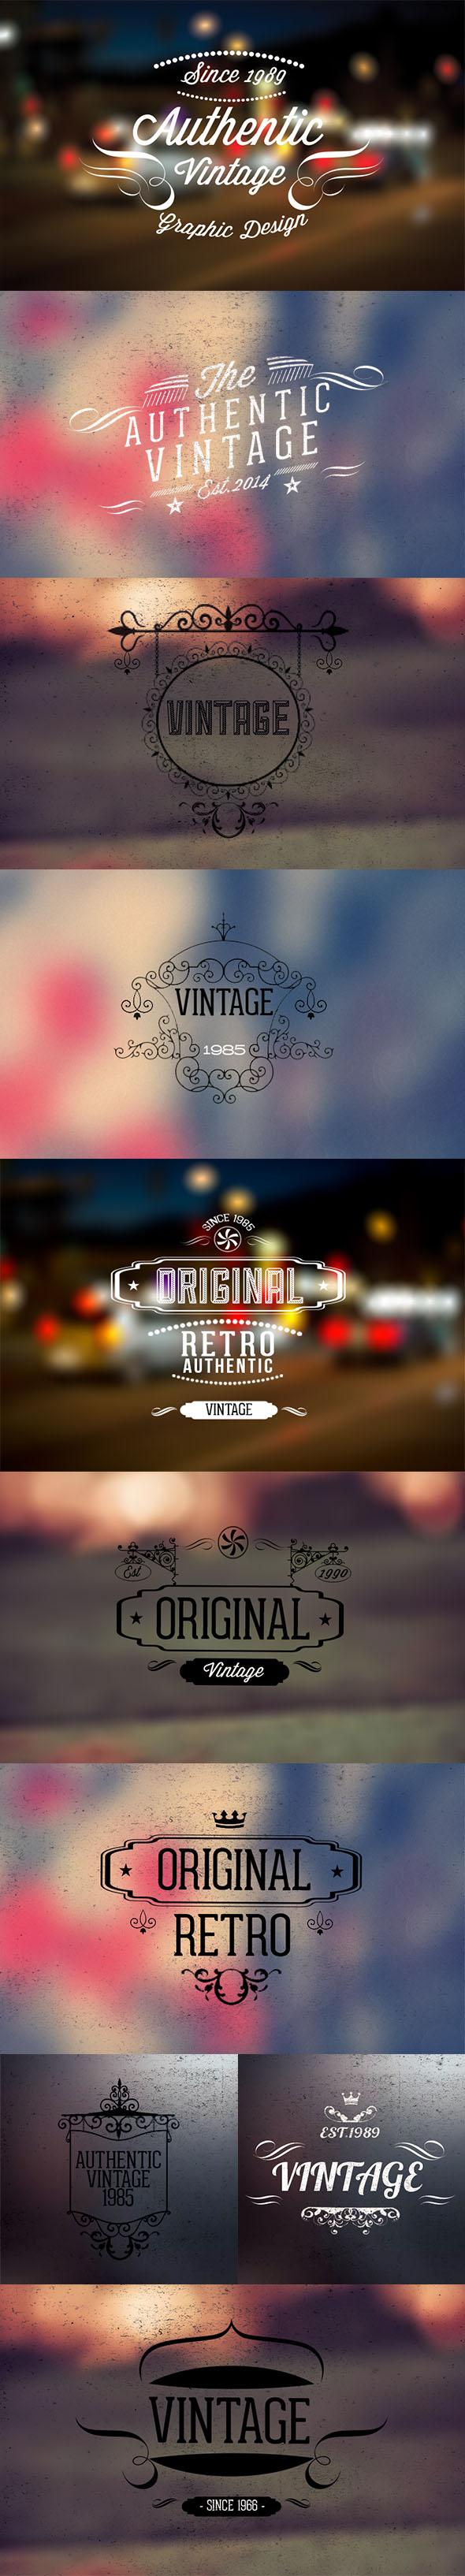 10 Vintage retro labels PSD file V2 free Version